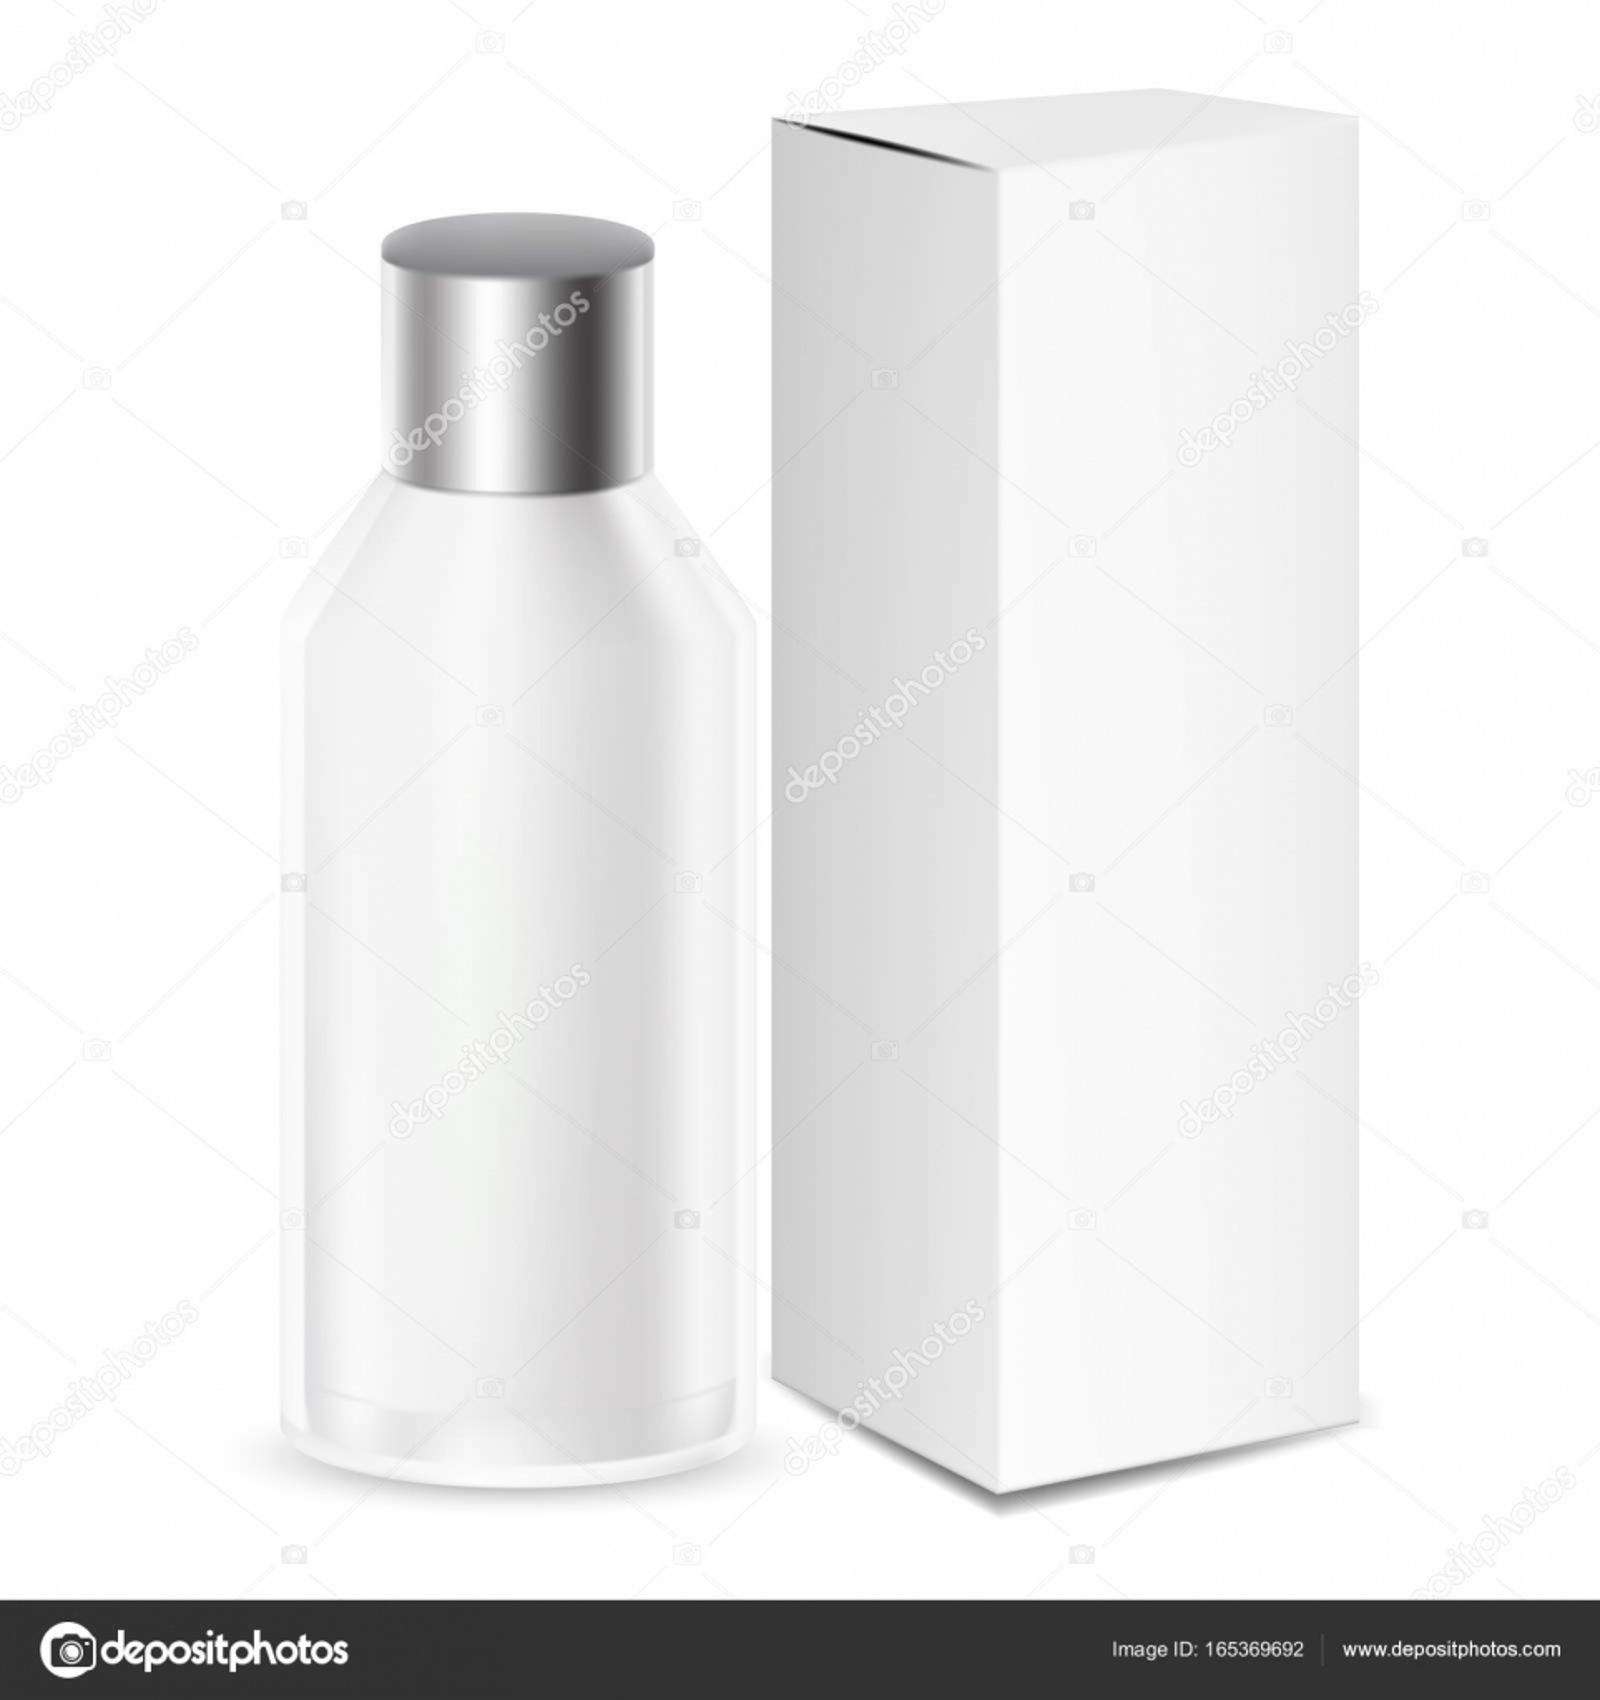 Weiß-graue Runde Kosmetik/Medizin-Flasche oder Behälter mit box ...